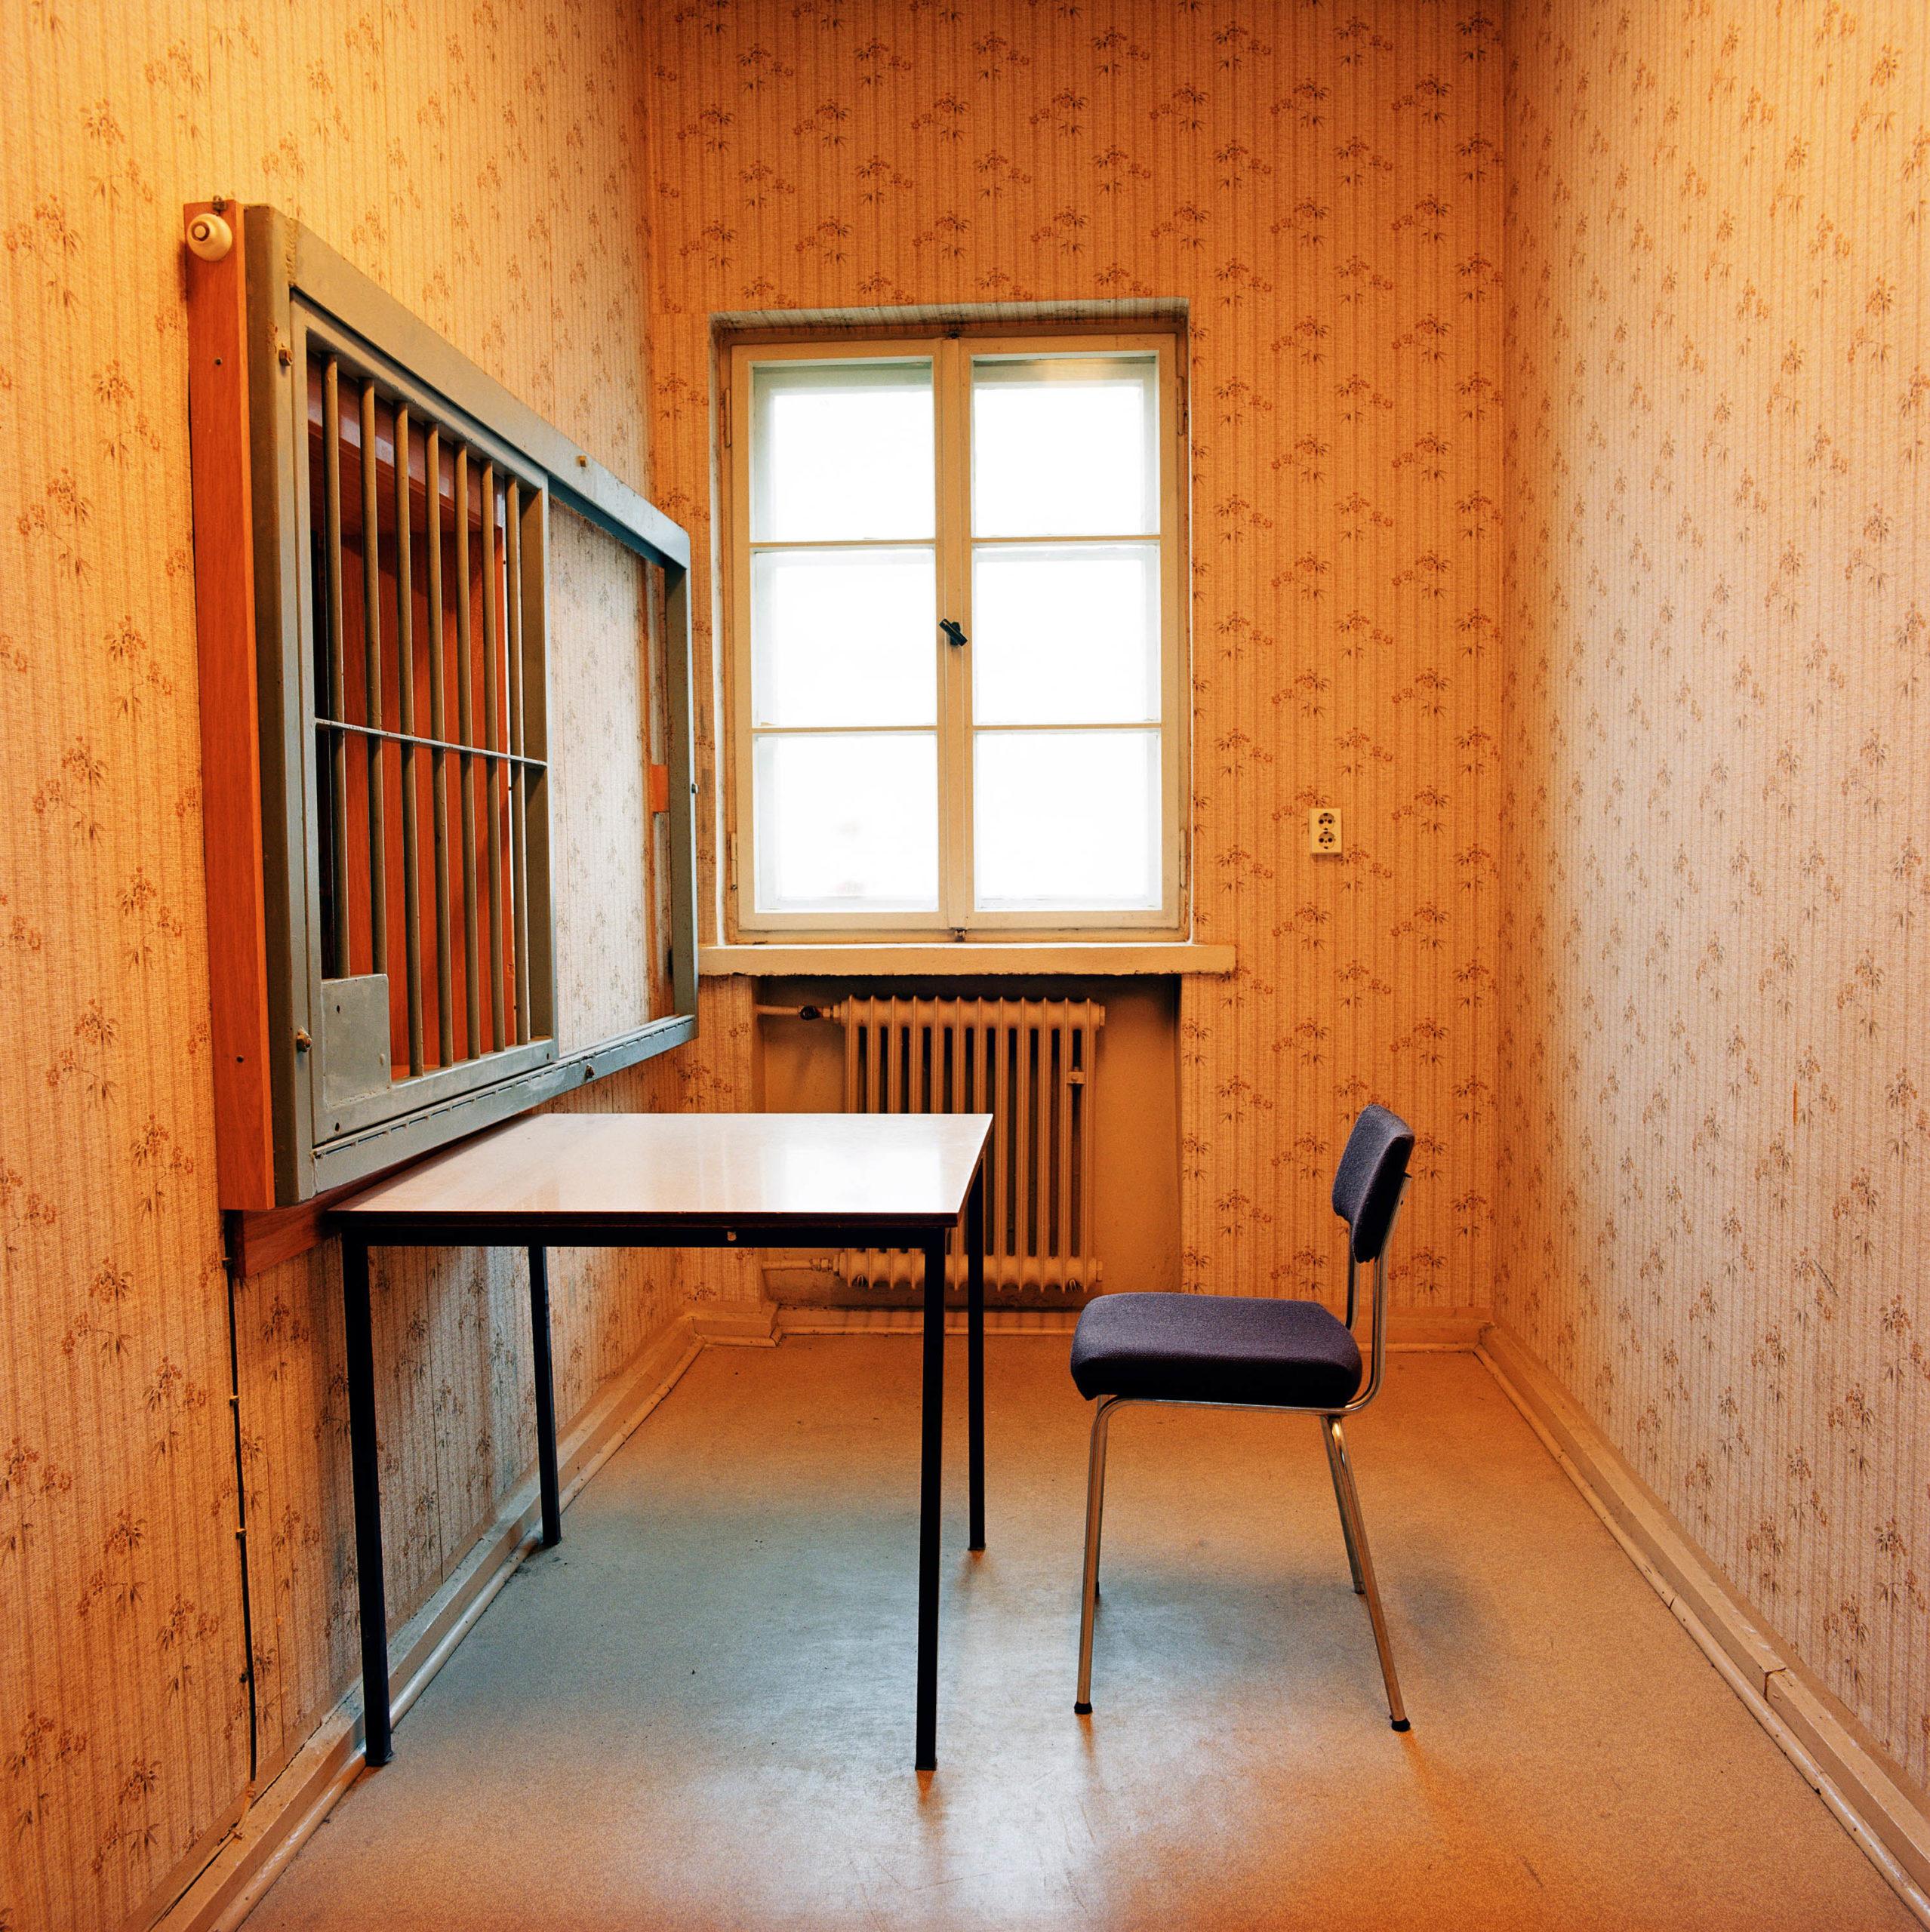 Germany. Stasi prison